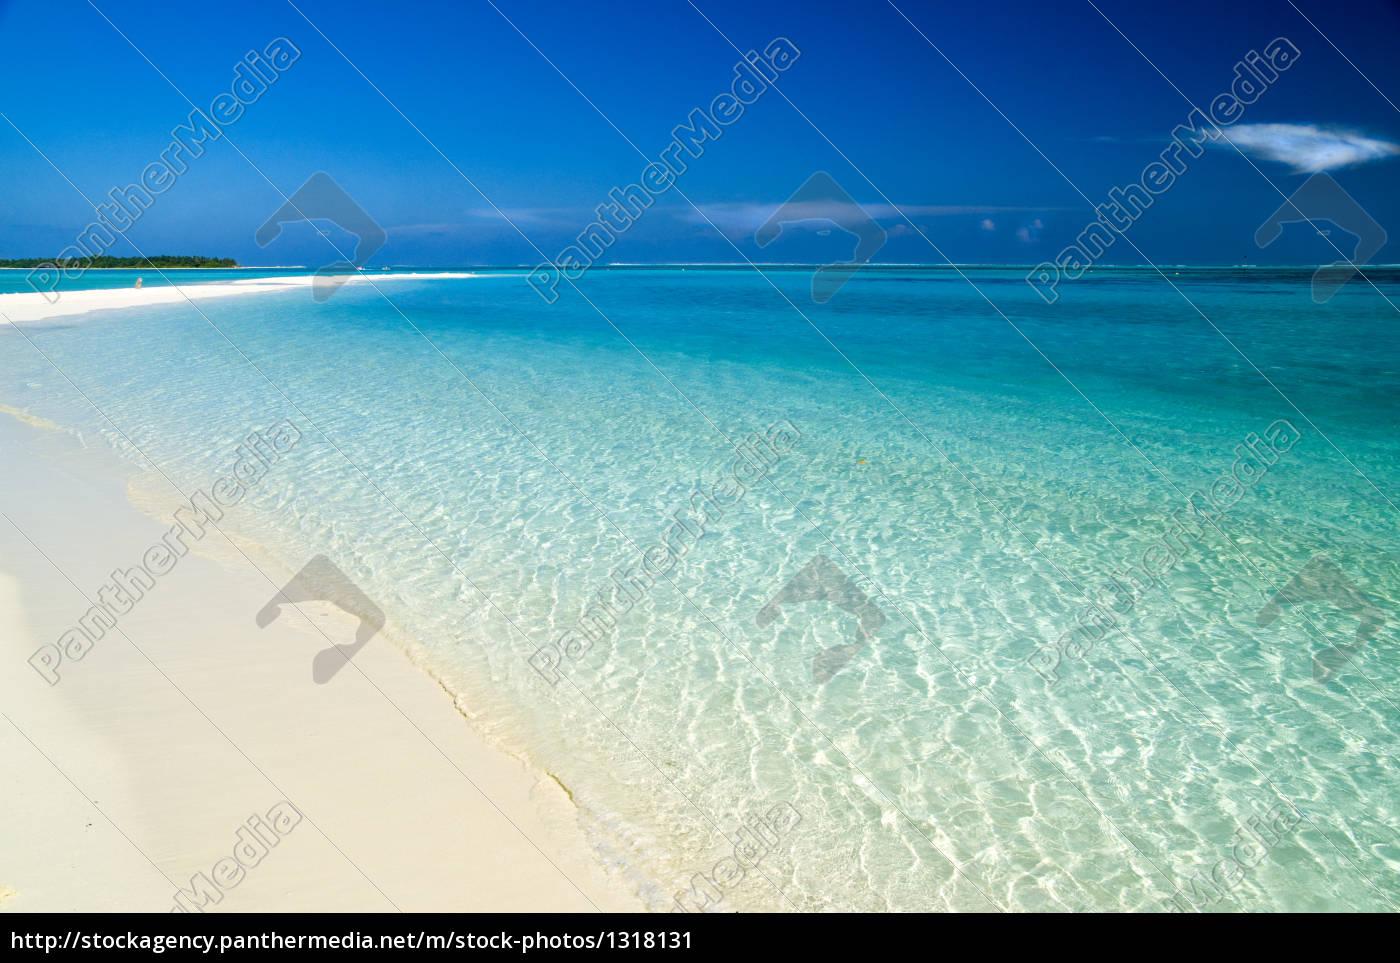 beach, tongue - 1318131